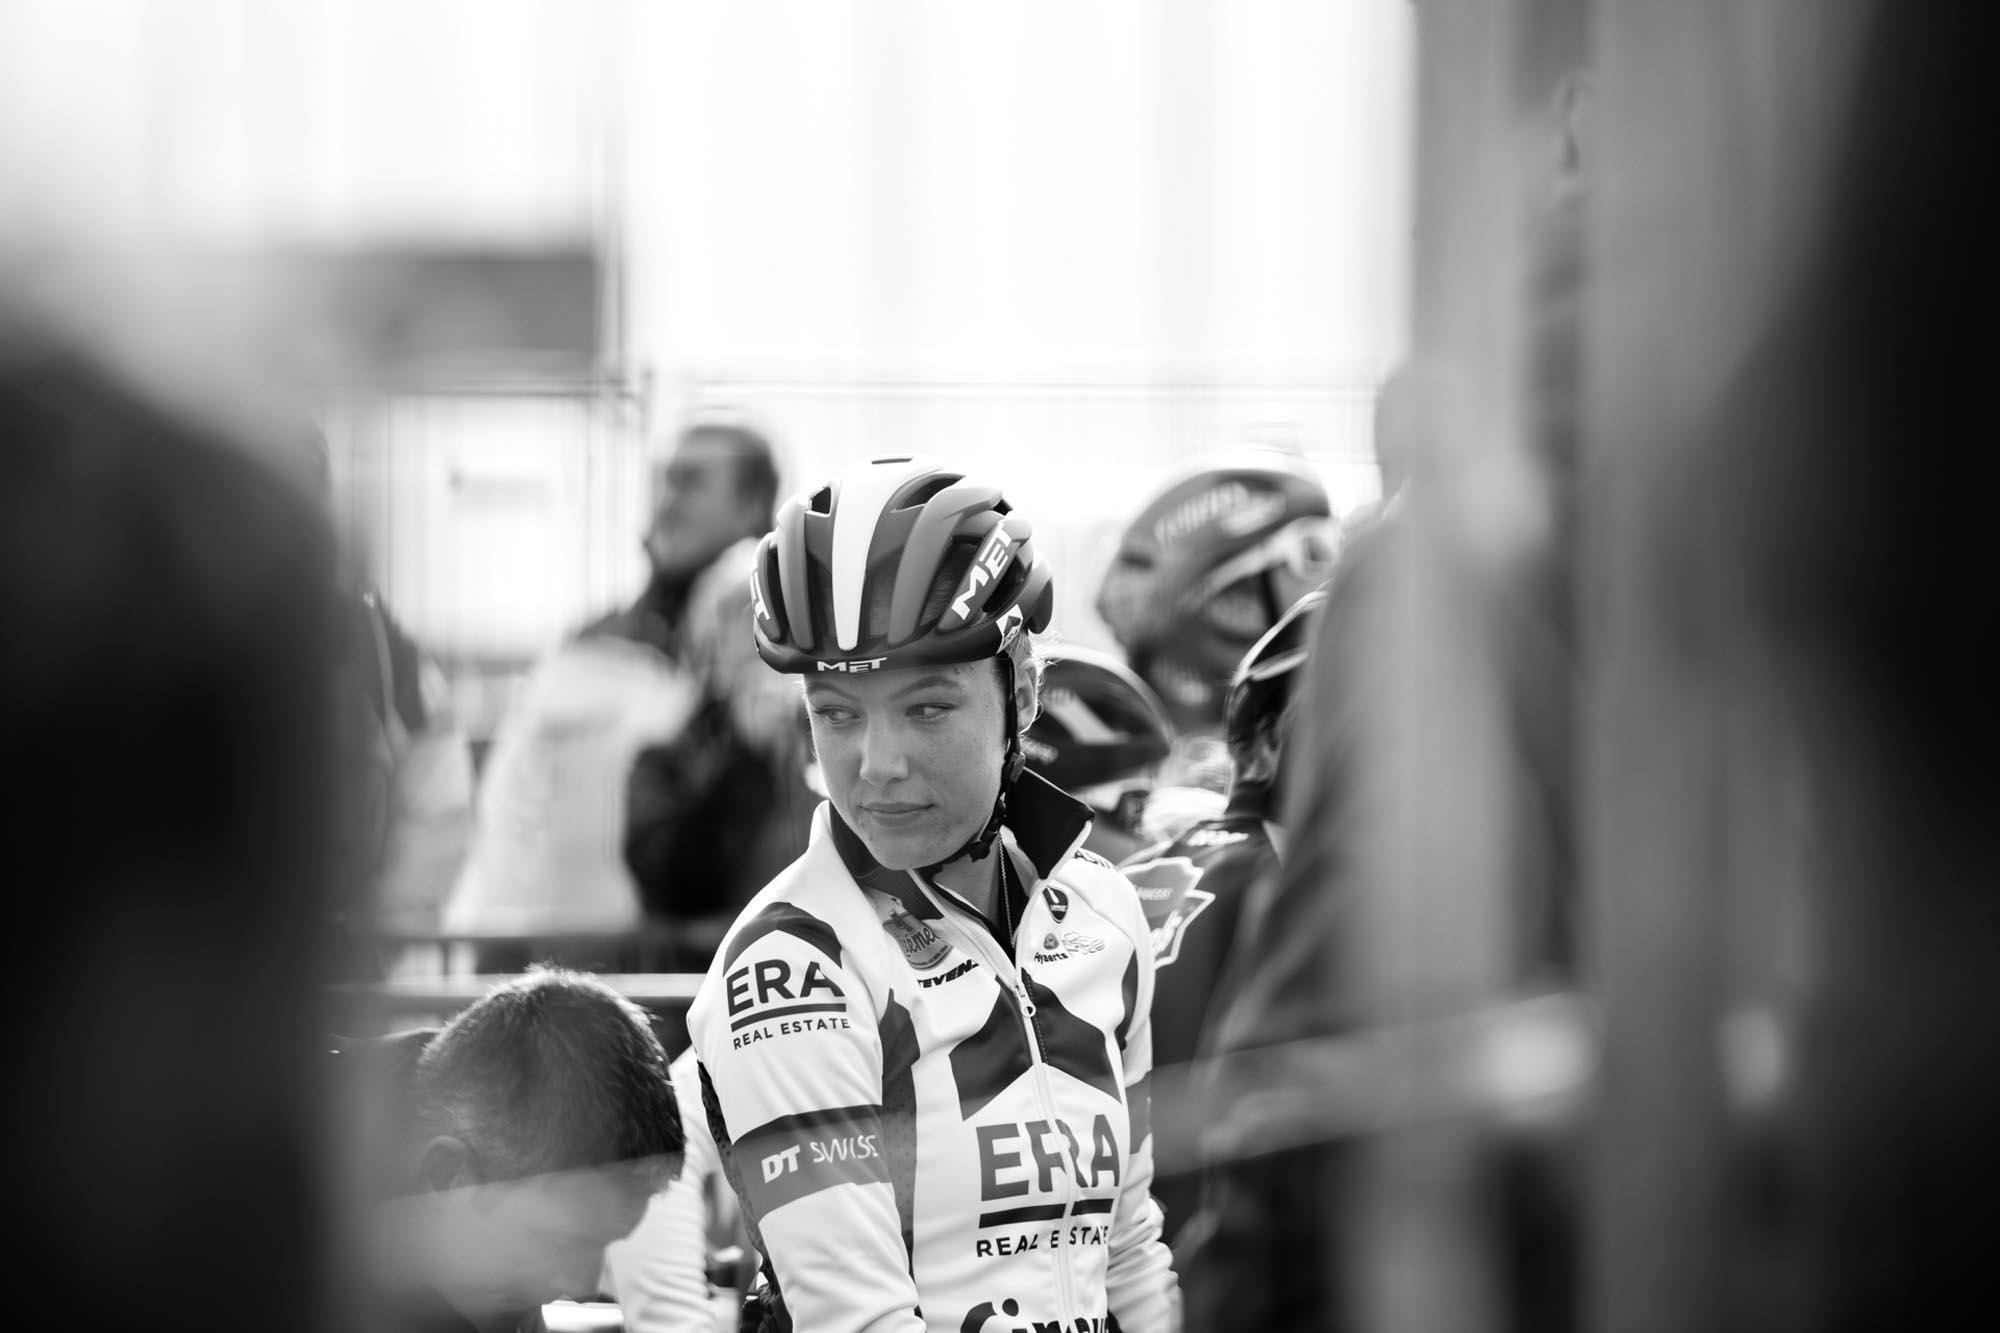 met helmets cyclocross era circus day8 6